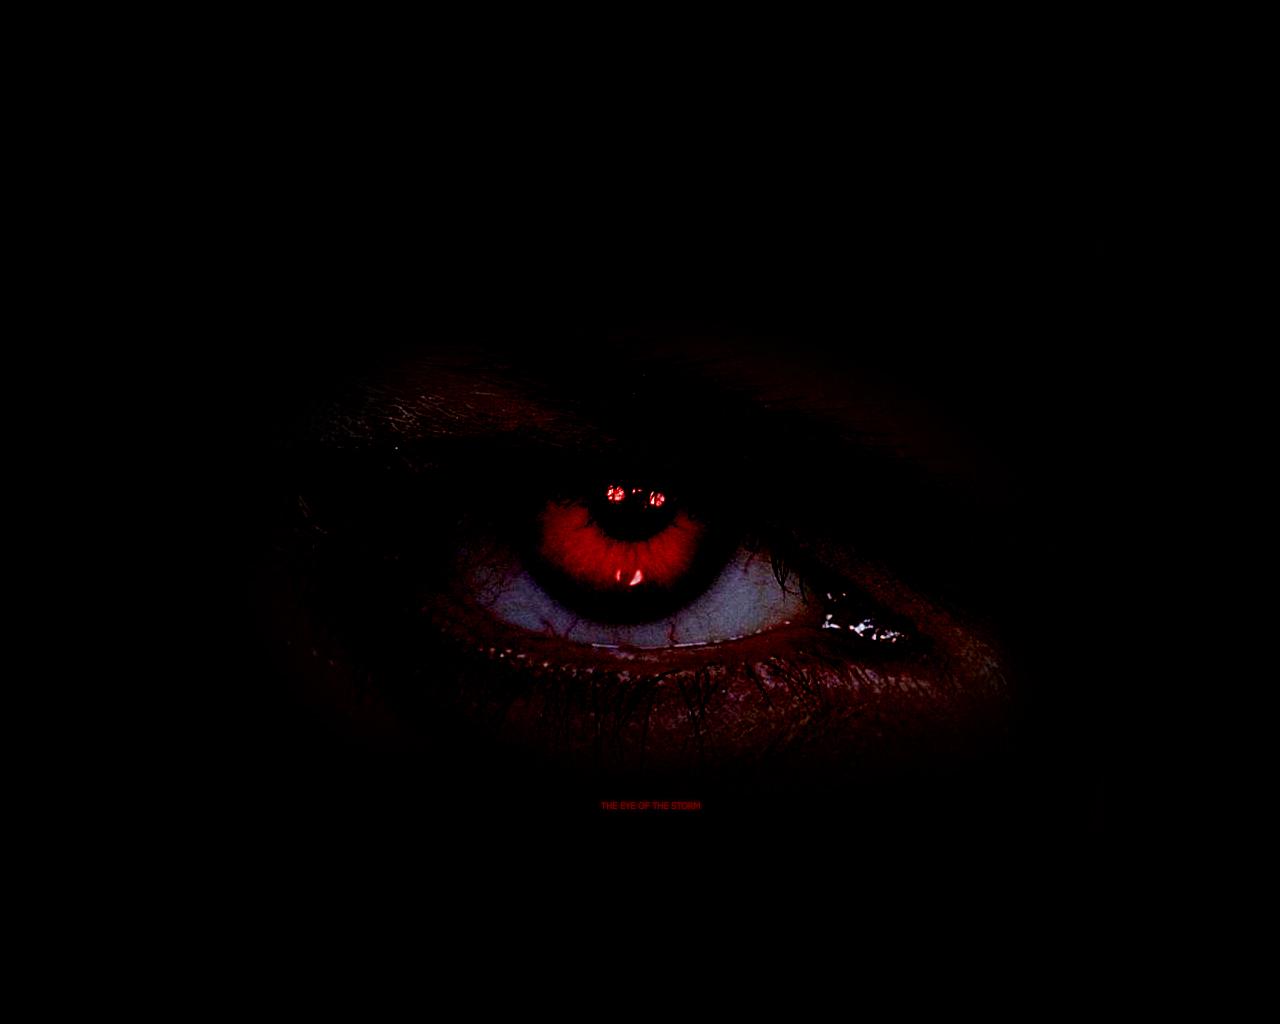 Evil Eye Wallpaper - WallpaperSafari